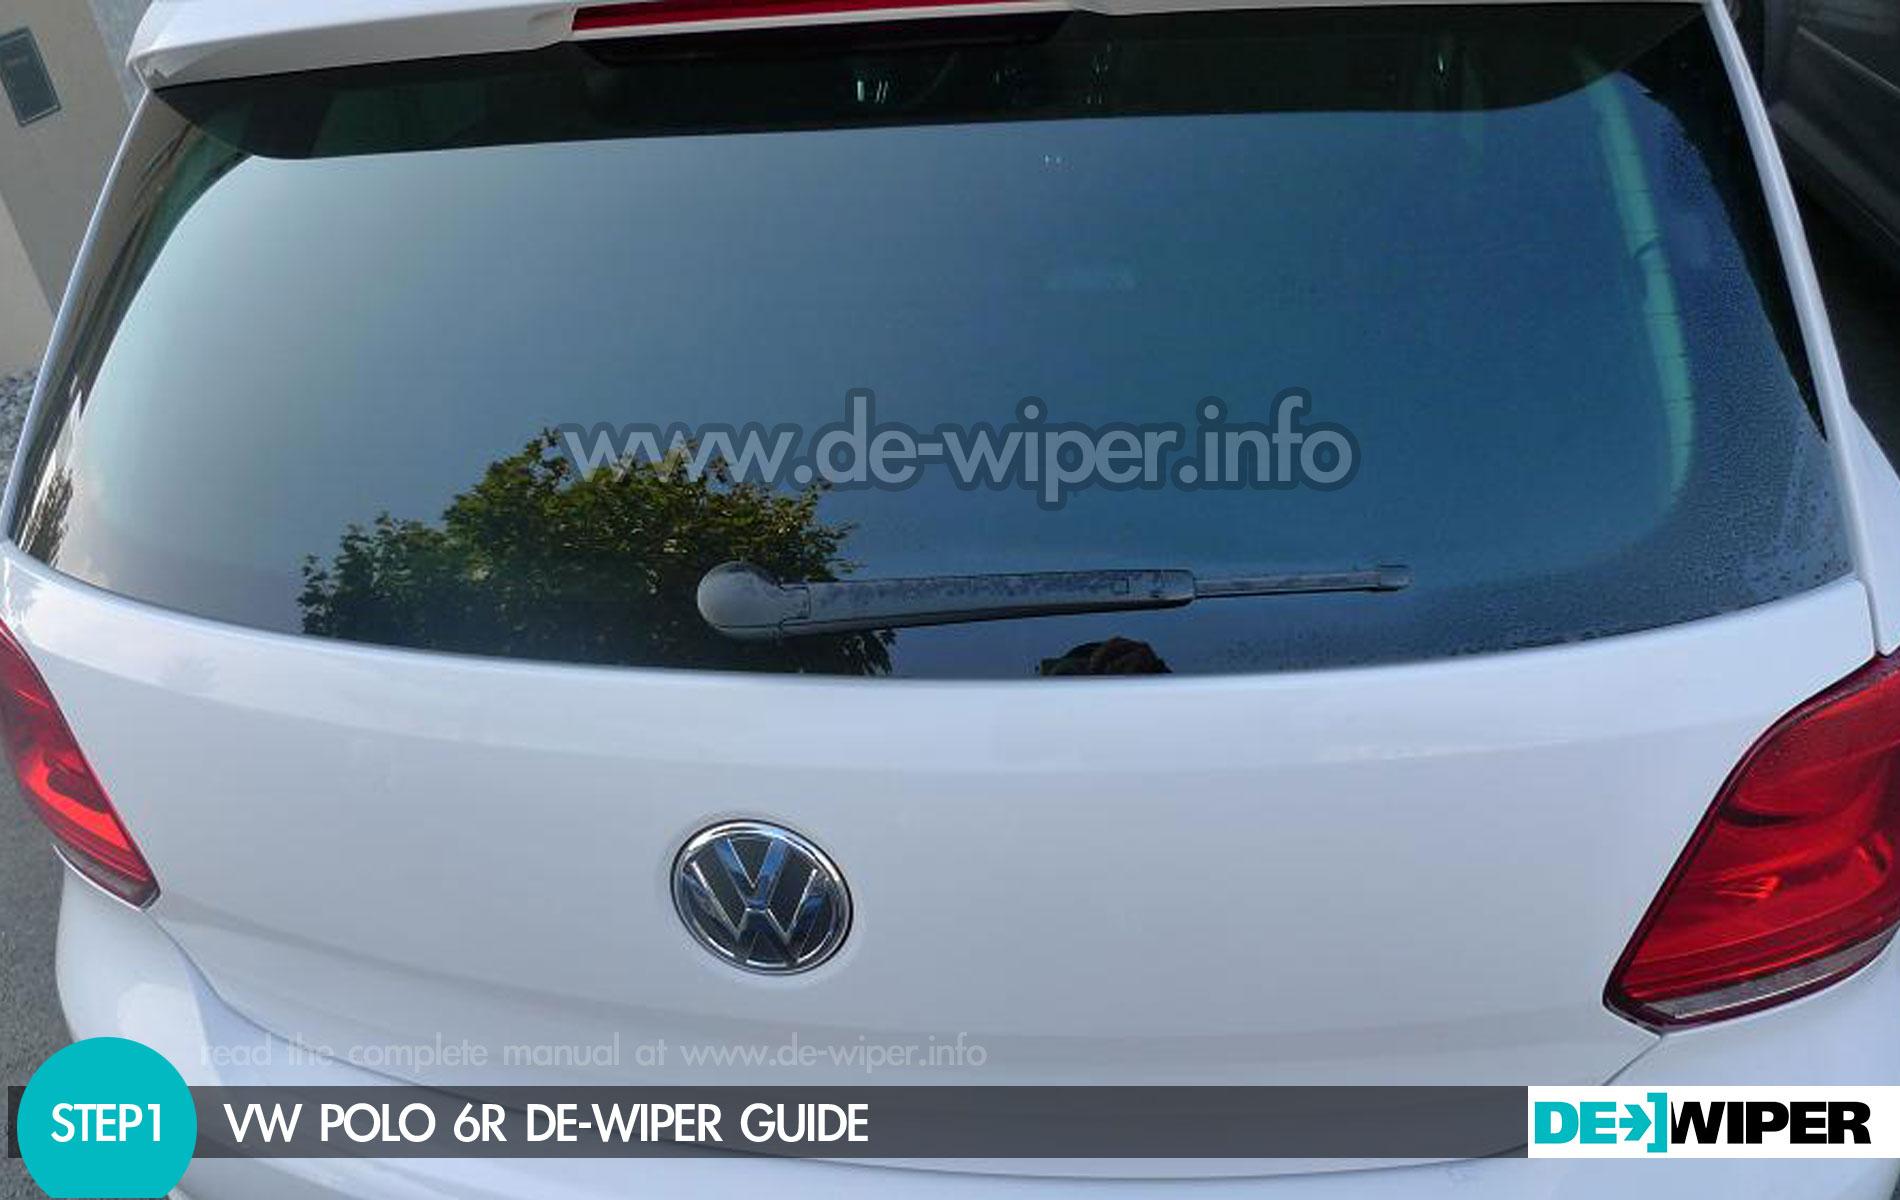 Manuel Removed The Wiper Of His Polo 6r De Wiper The World